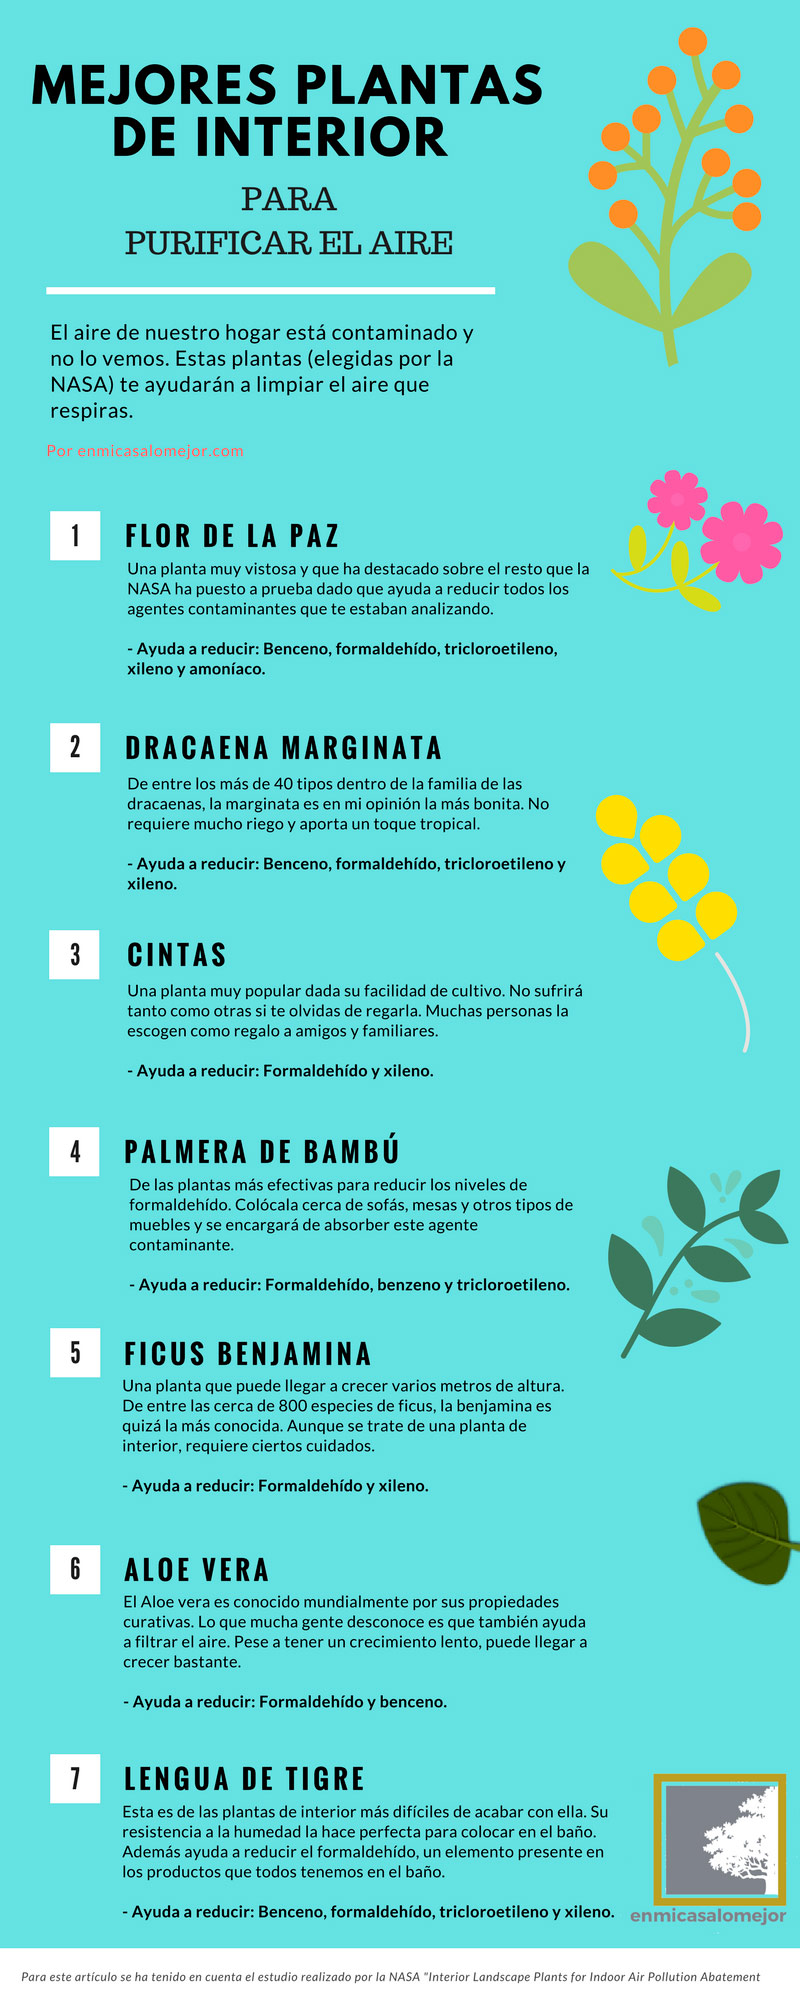 Las mejores plantas de interior para purificar el aire emicasalomejor - Las mejores plantas de interior ...